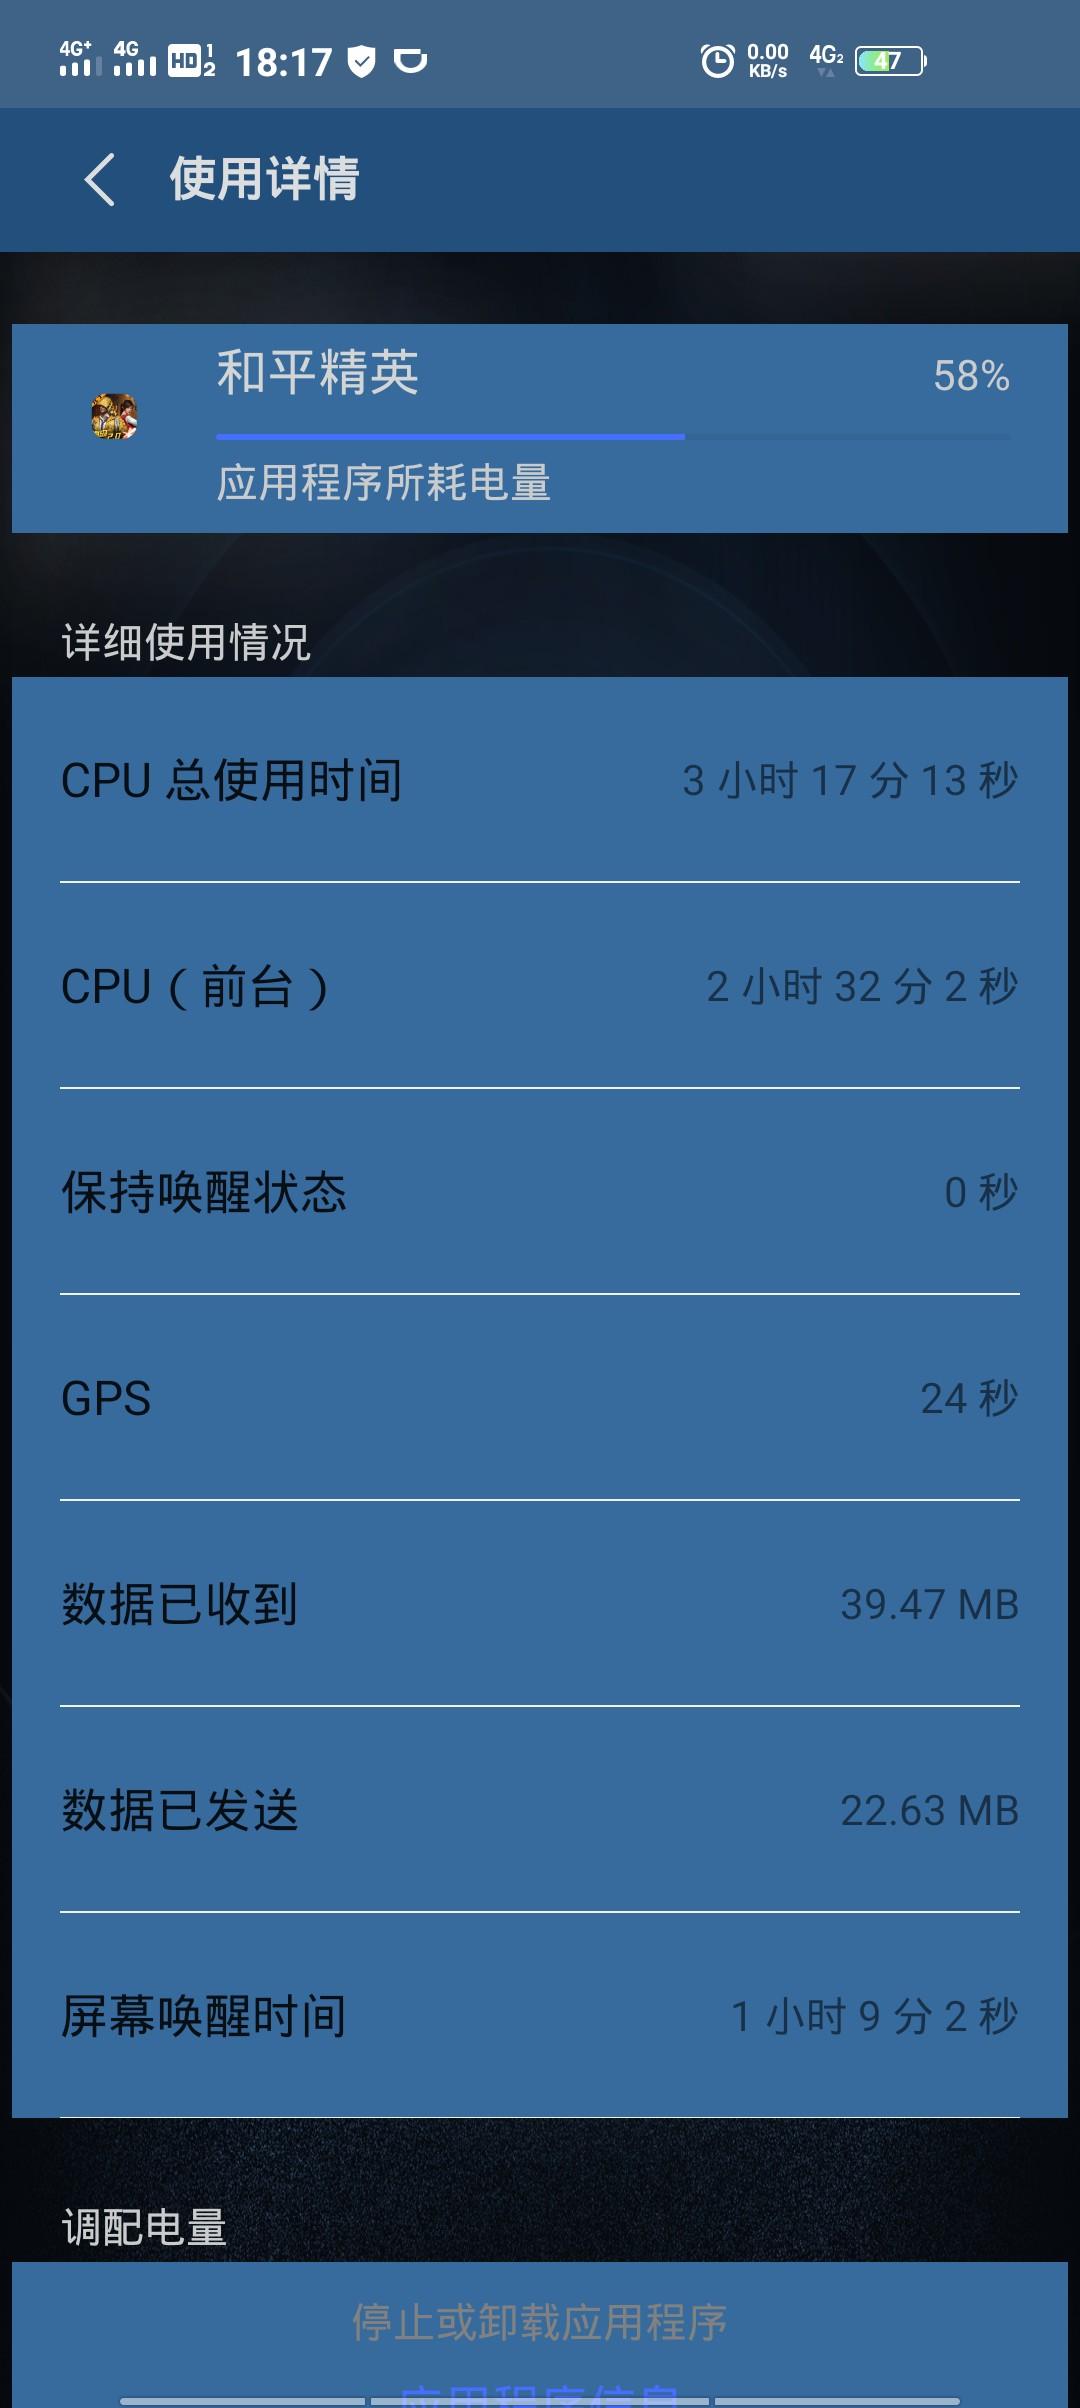 Screenshot_2020_0726_181800.jpg